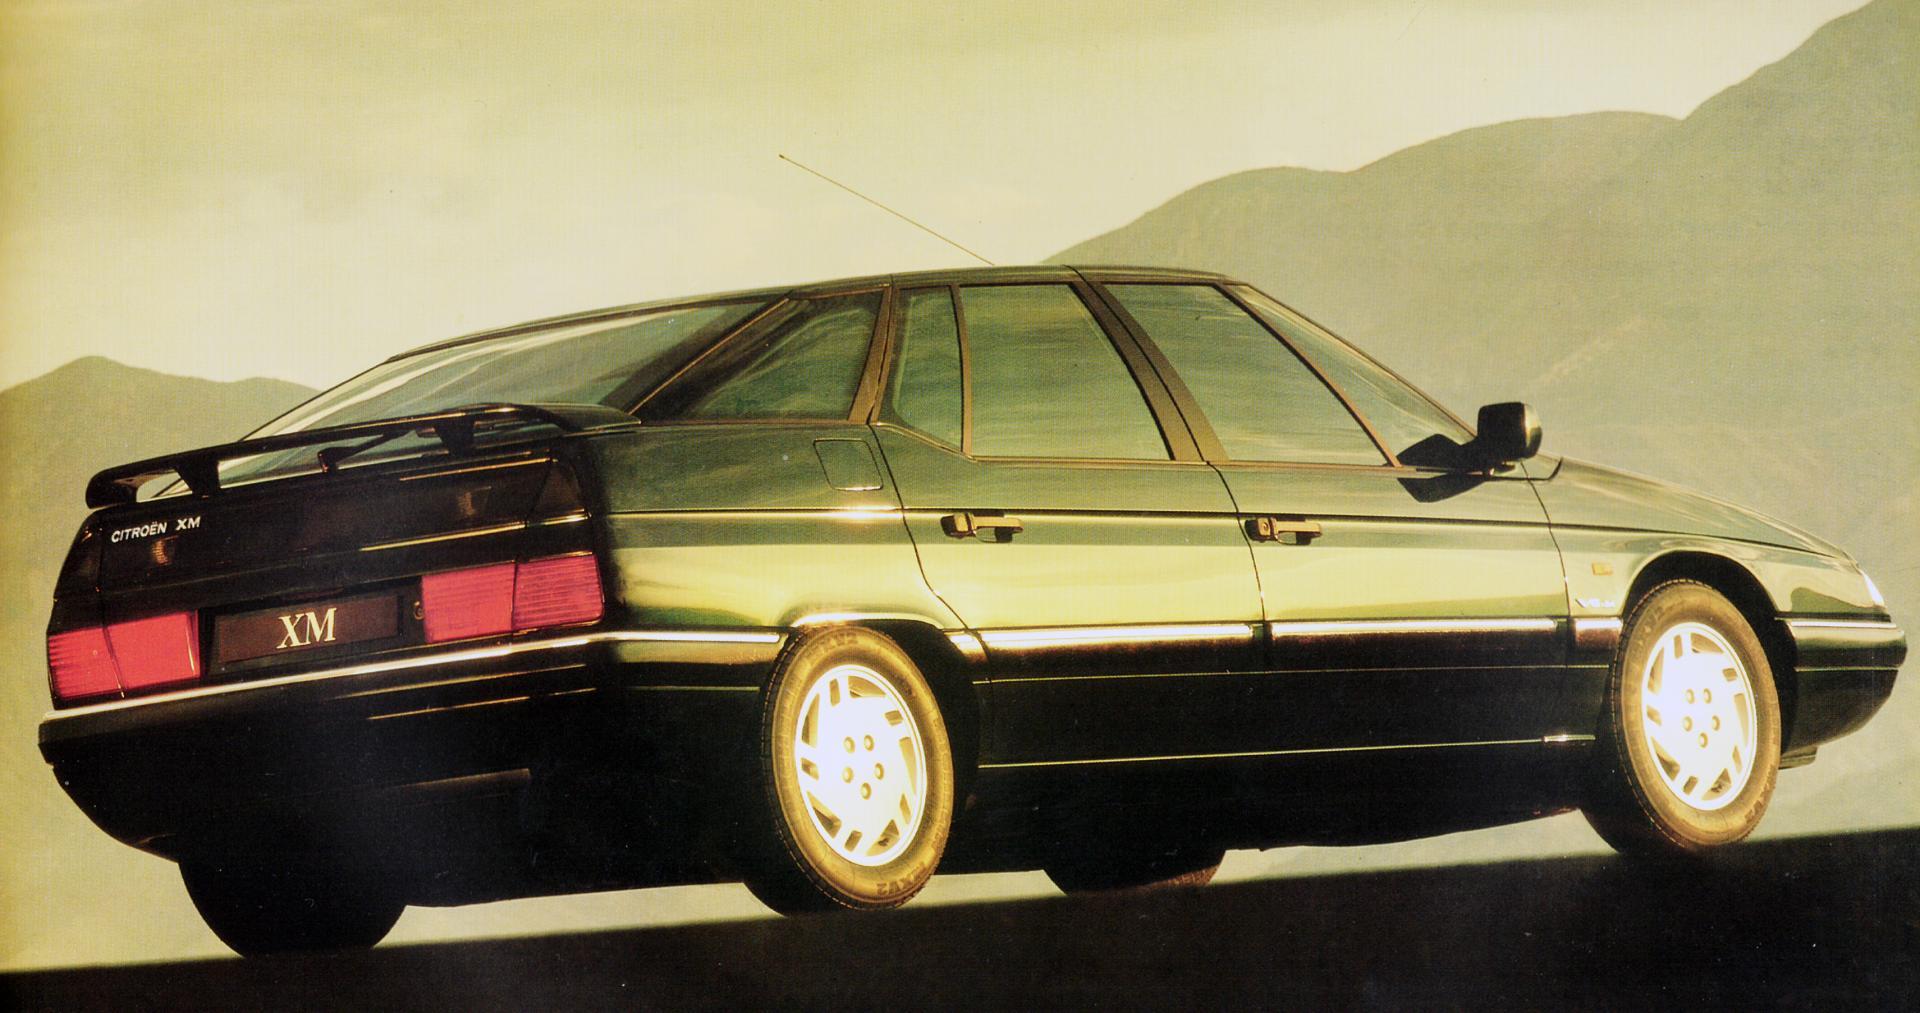 1990 CITROËN XM V6 24 Soupapes